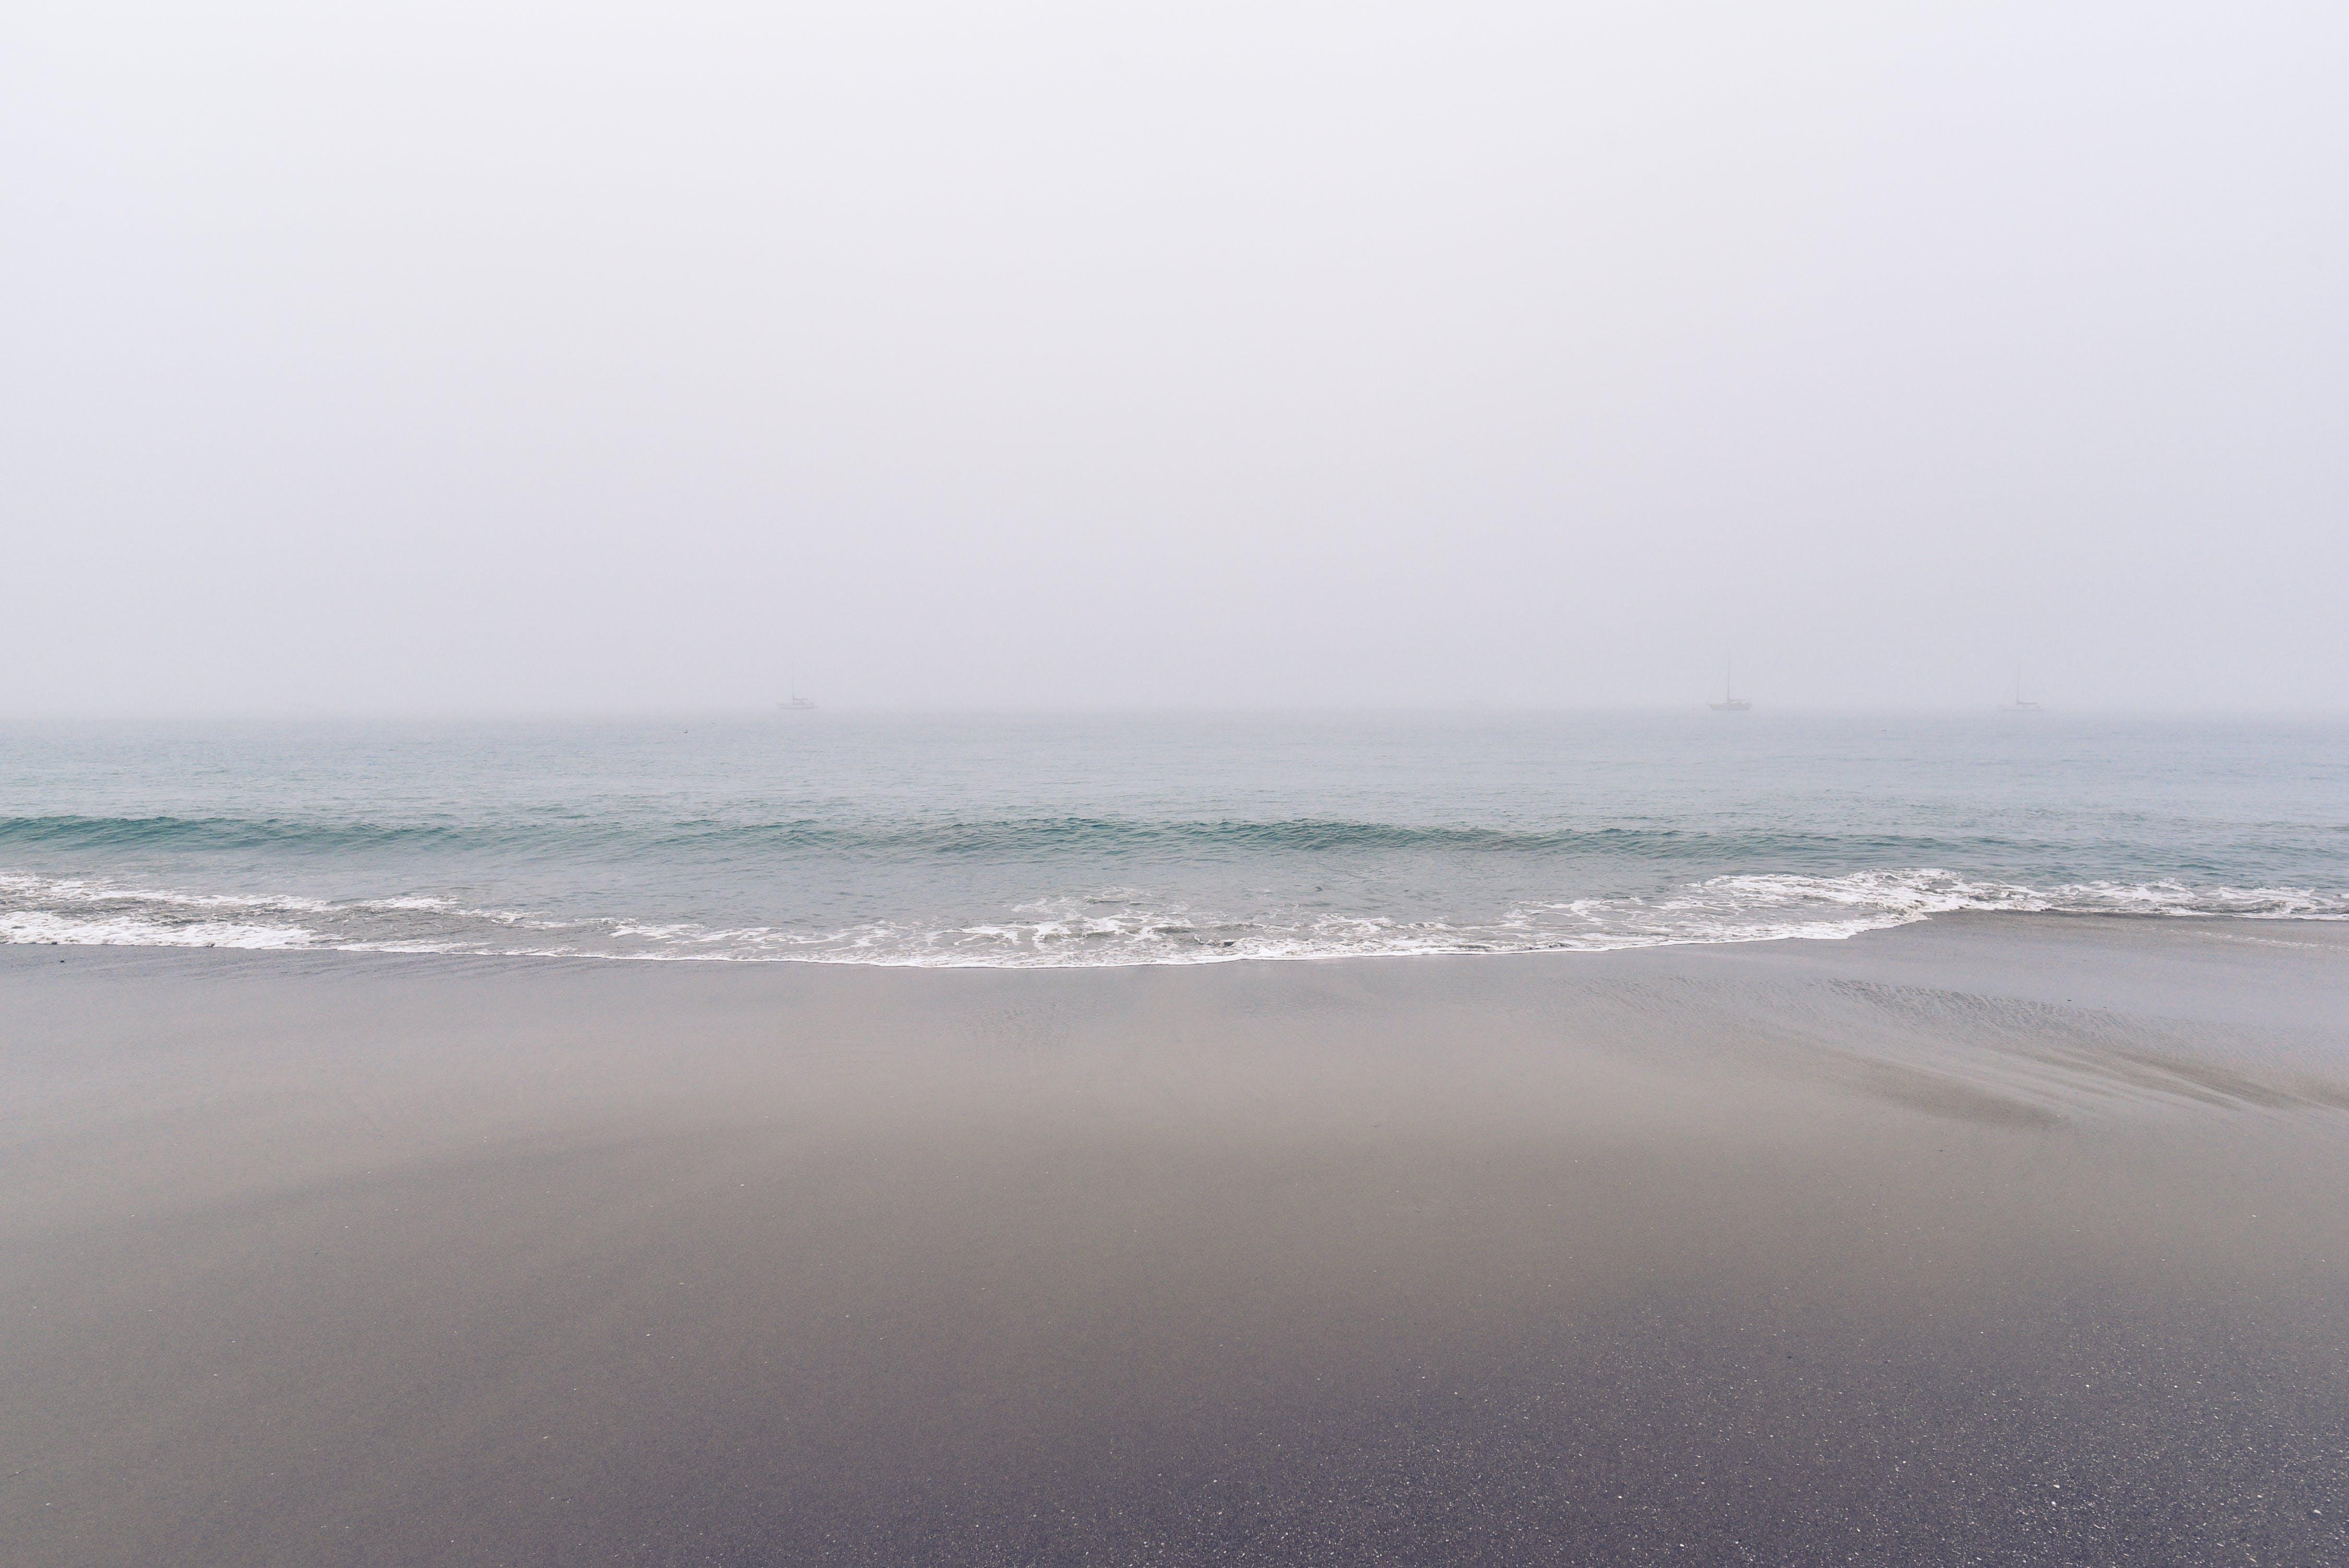 Ocean Waves on Beach Side